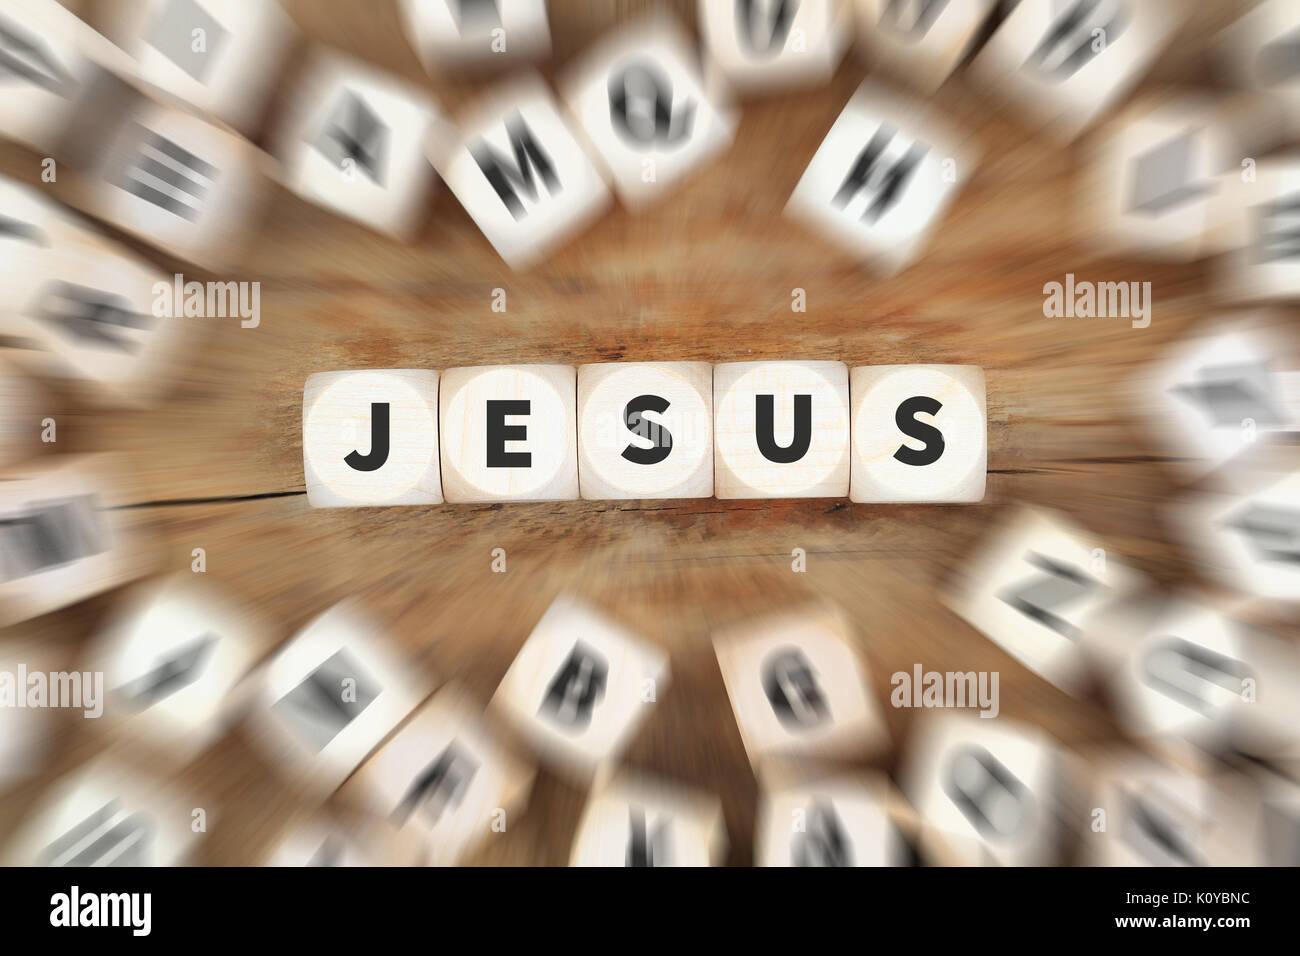 Jesus God believe belief religion church hope dice business concept idea - Stock Image